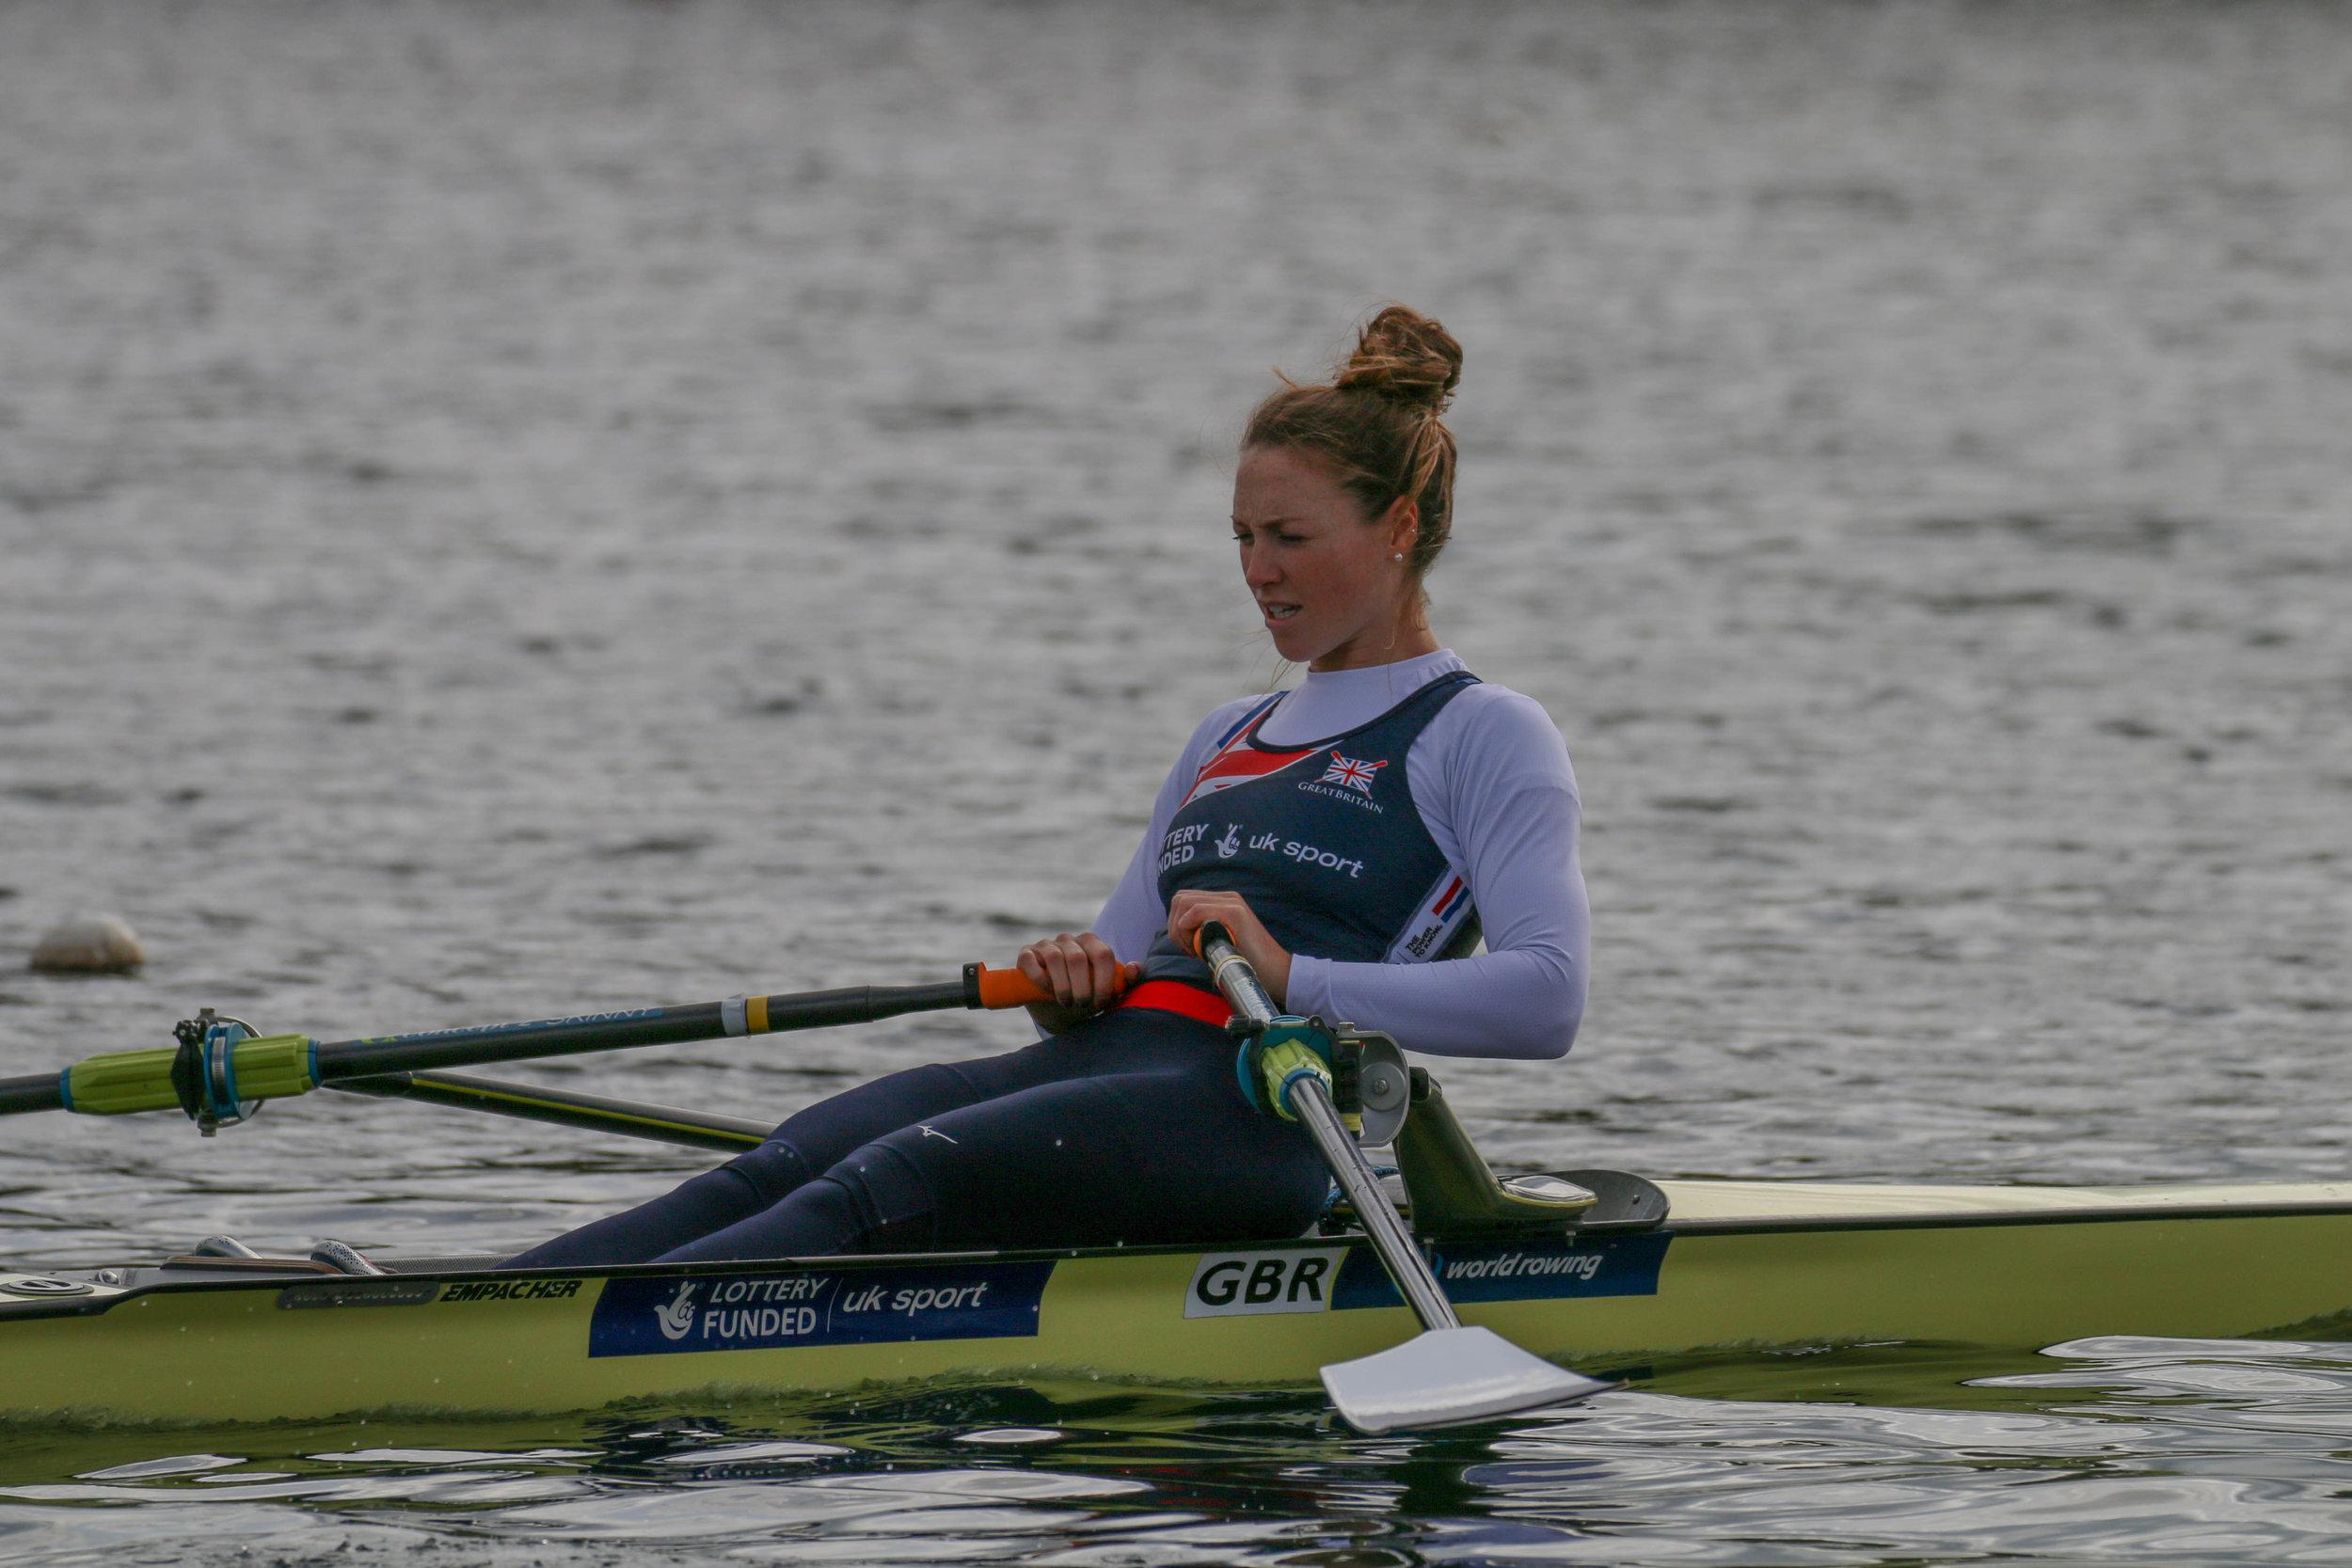 womens-sport-karen-bennett-rowing-athlete23.jpg